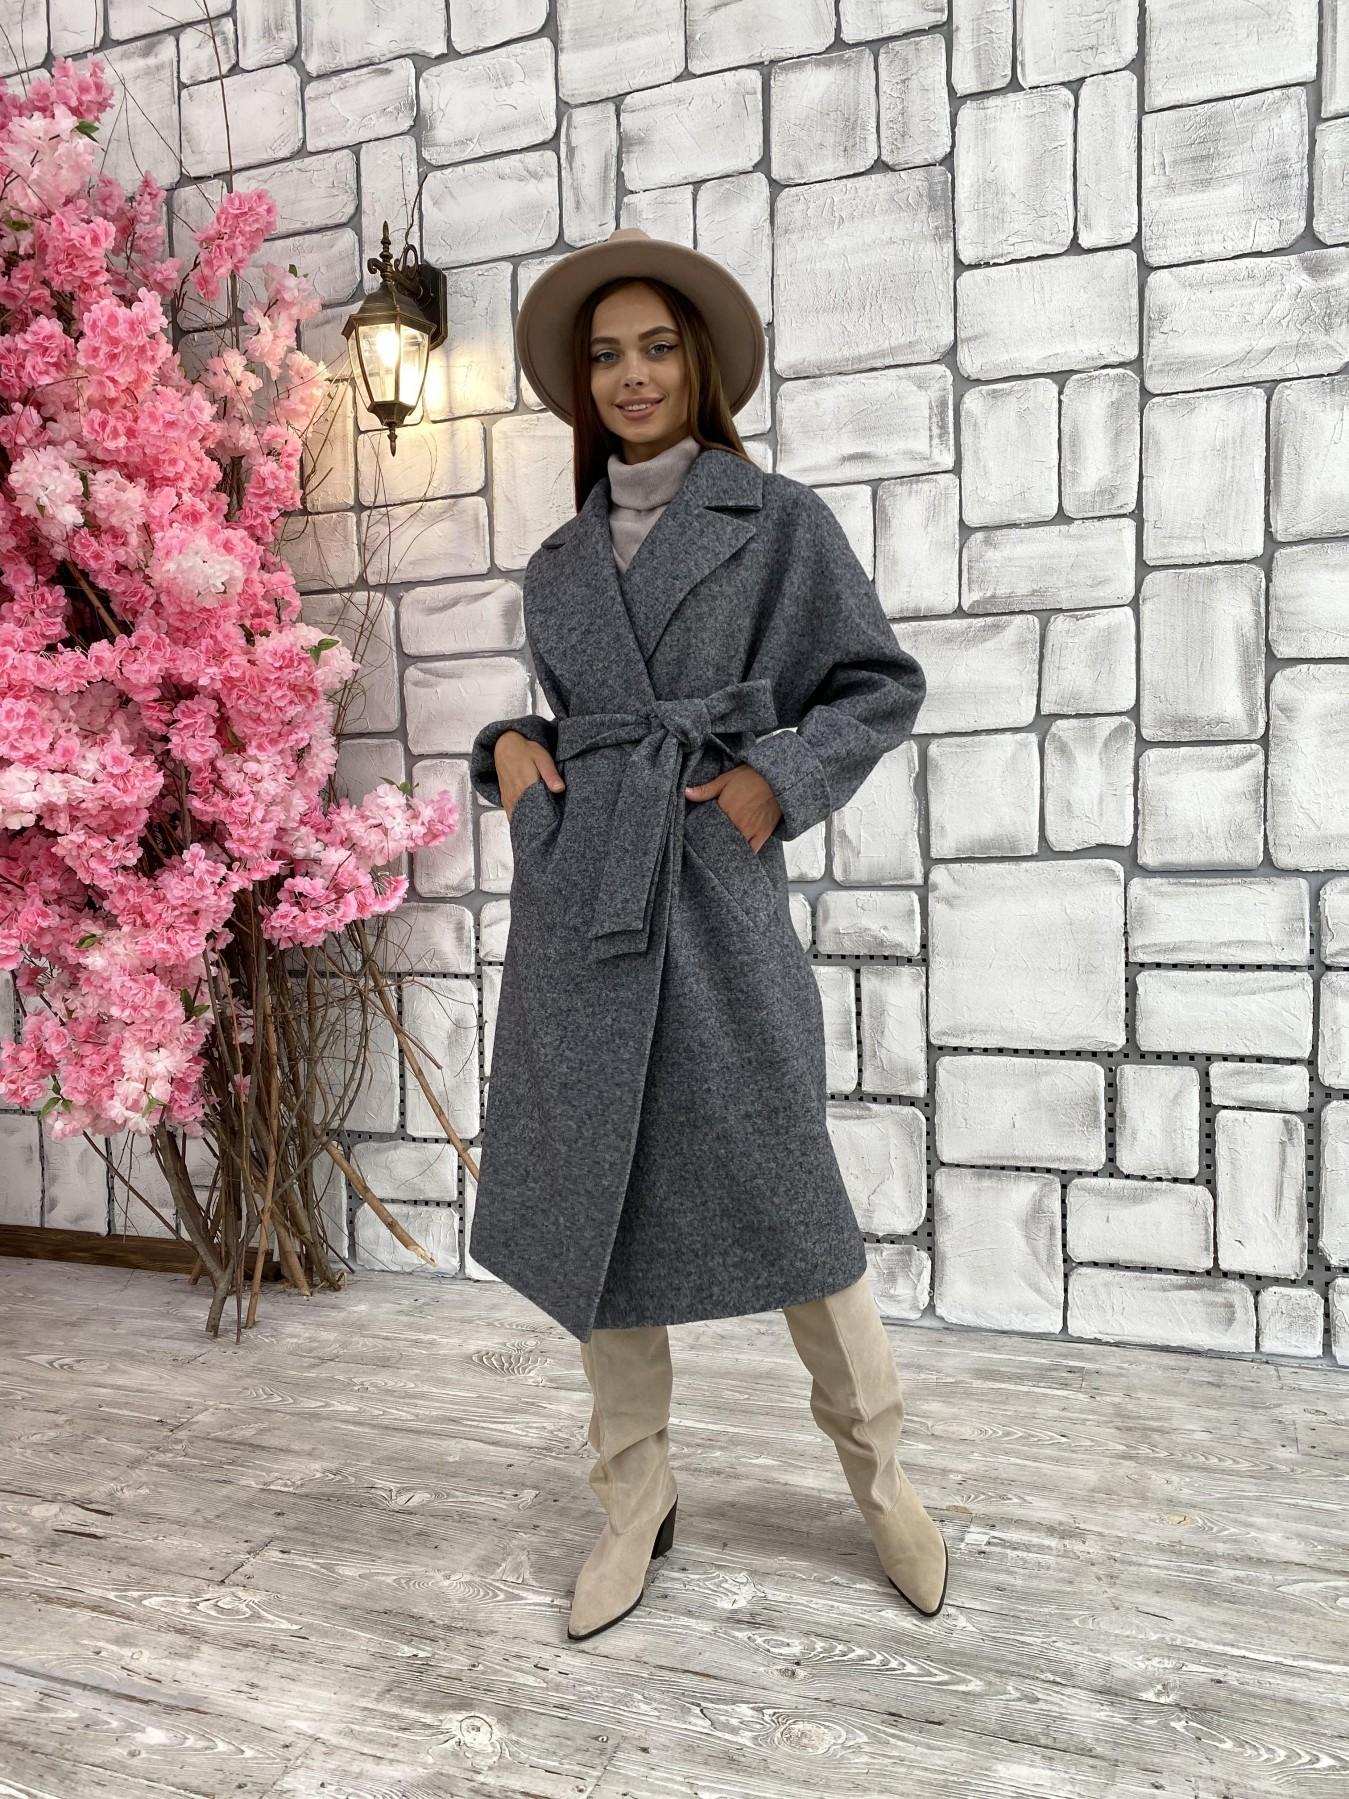 Влада шерсть варенка ткань пальто 11639 АРТ. 48351 Цвет: Серый темный 5 - фото 6, интернет магазин tm-modus.ru